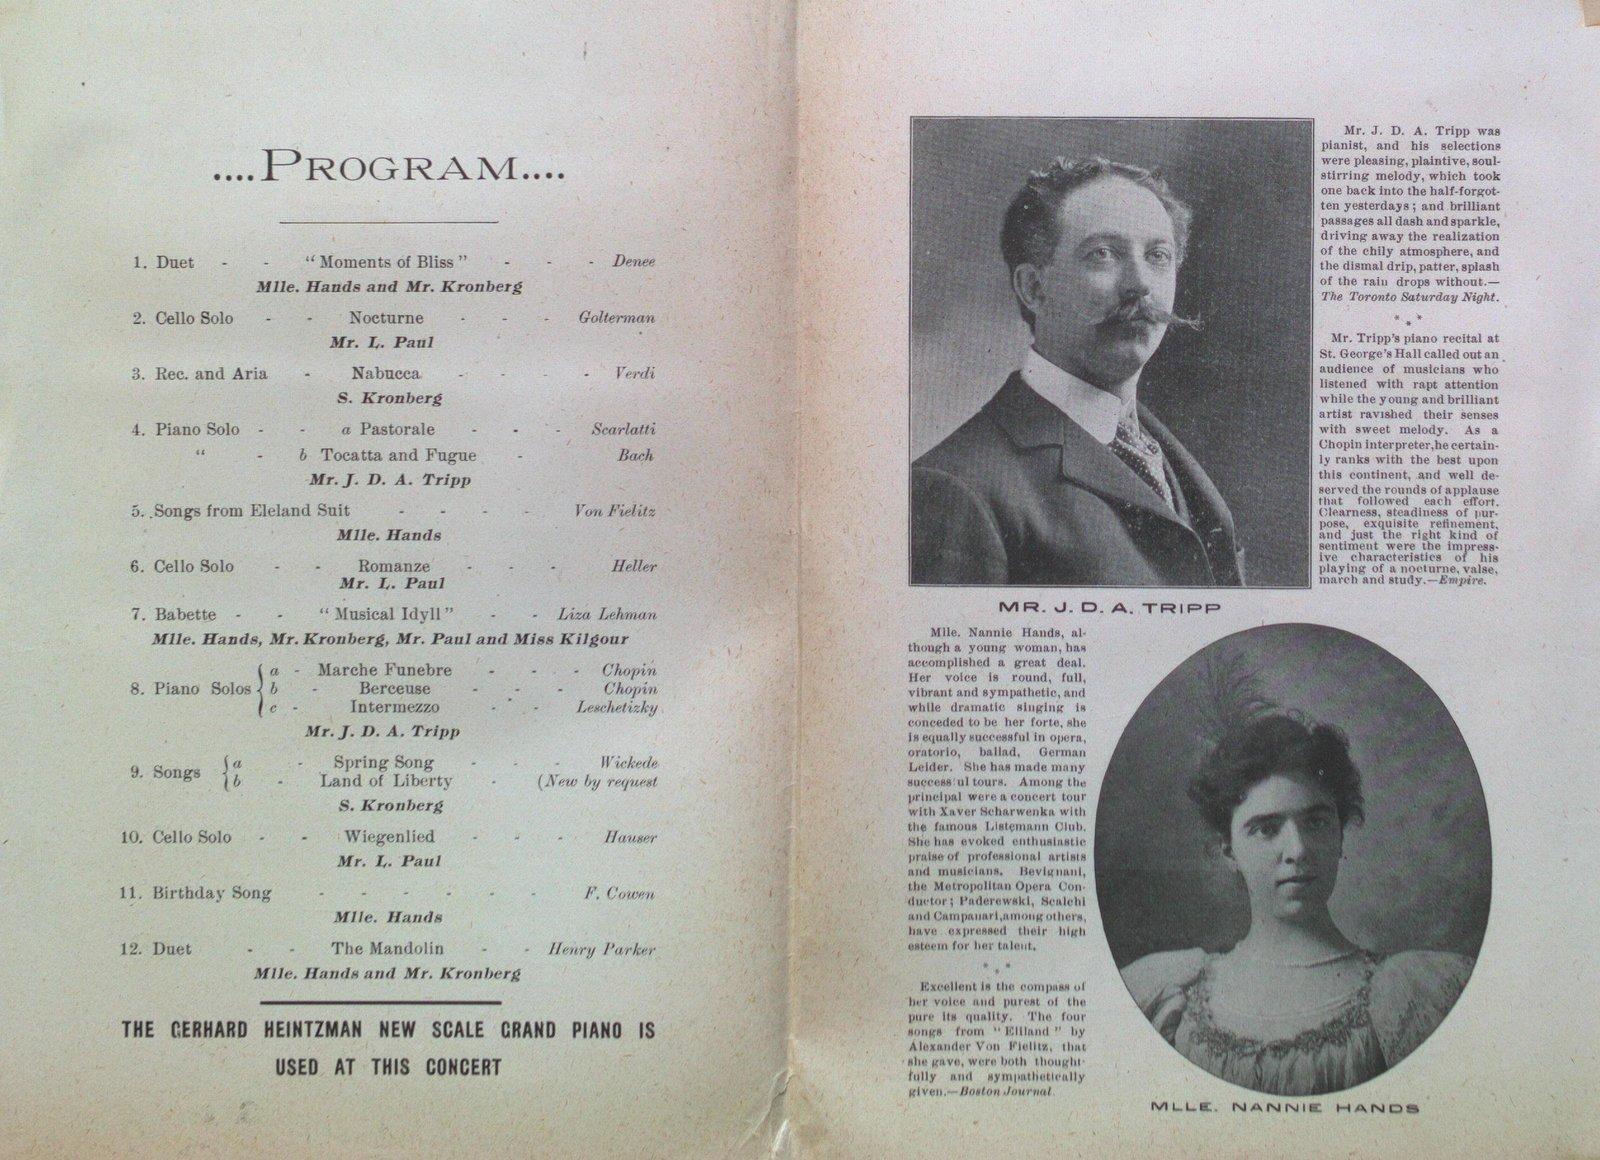 Teresa Vanderburgh's Musical Scrapbook #2 - S. Kronberg at the Grand Opera House